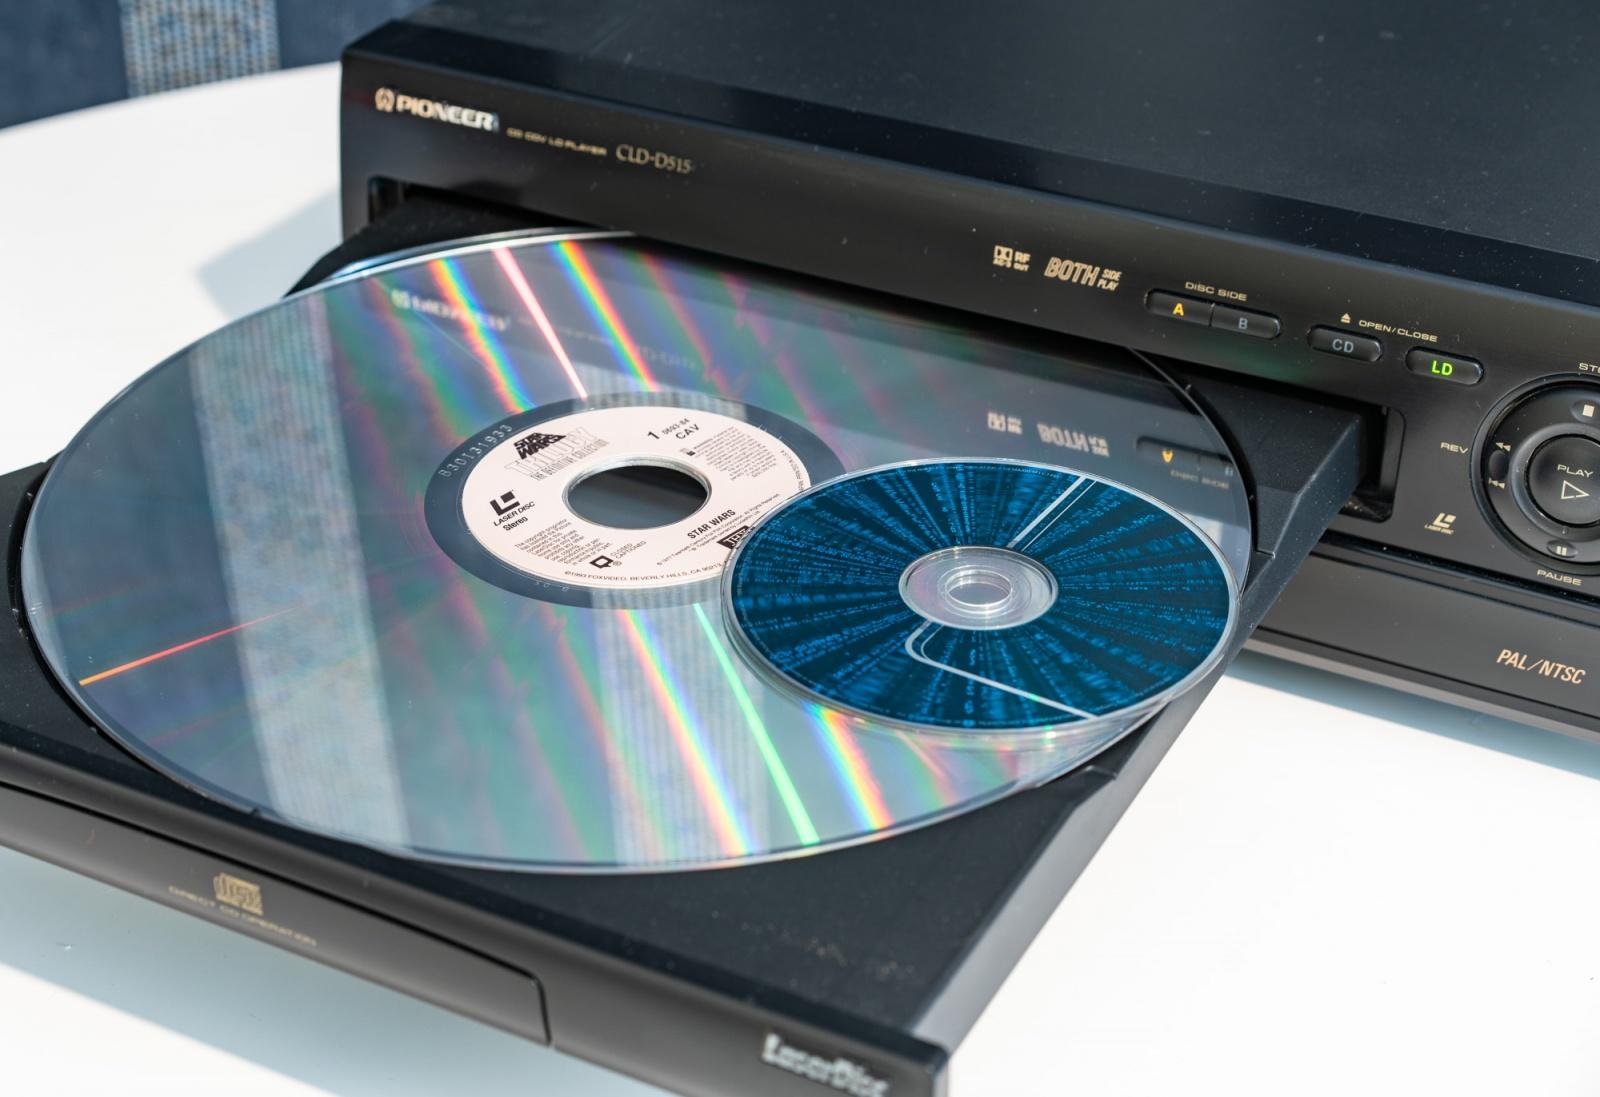 Лазерные видеодиски, ретрокино и автореверс - 2